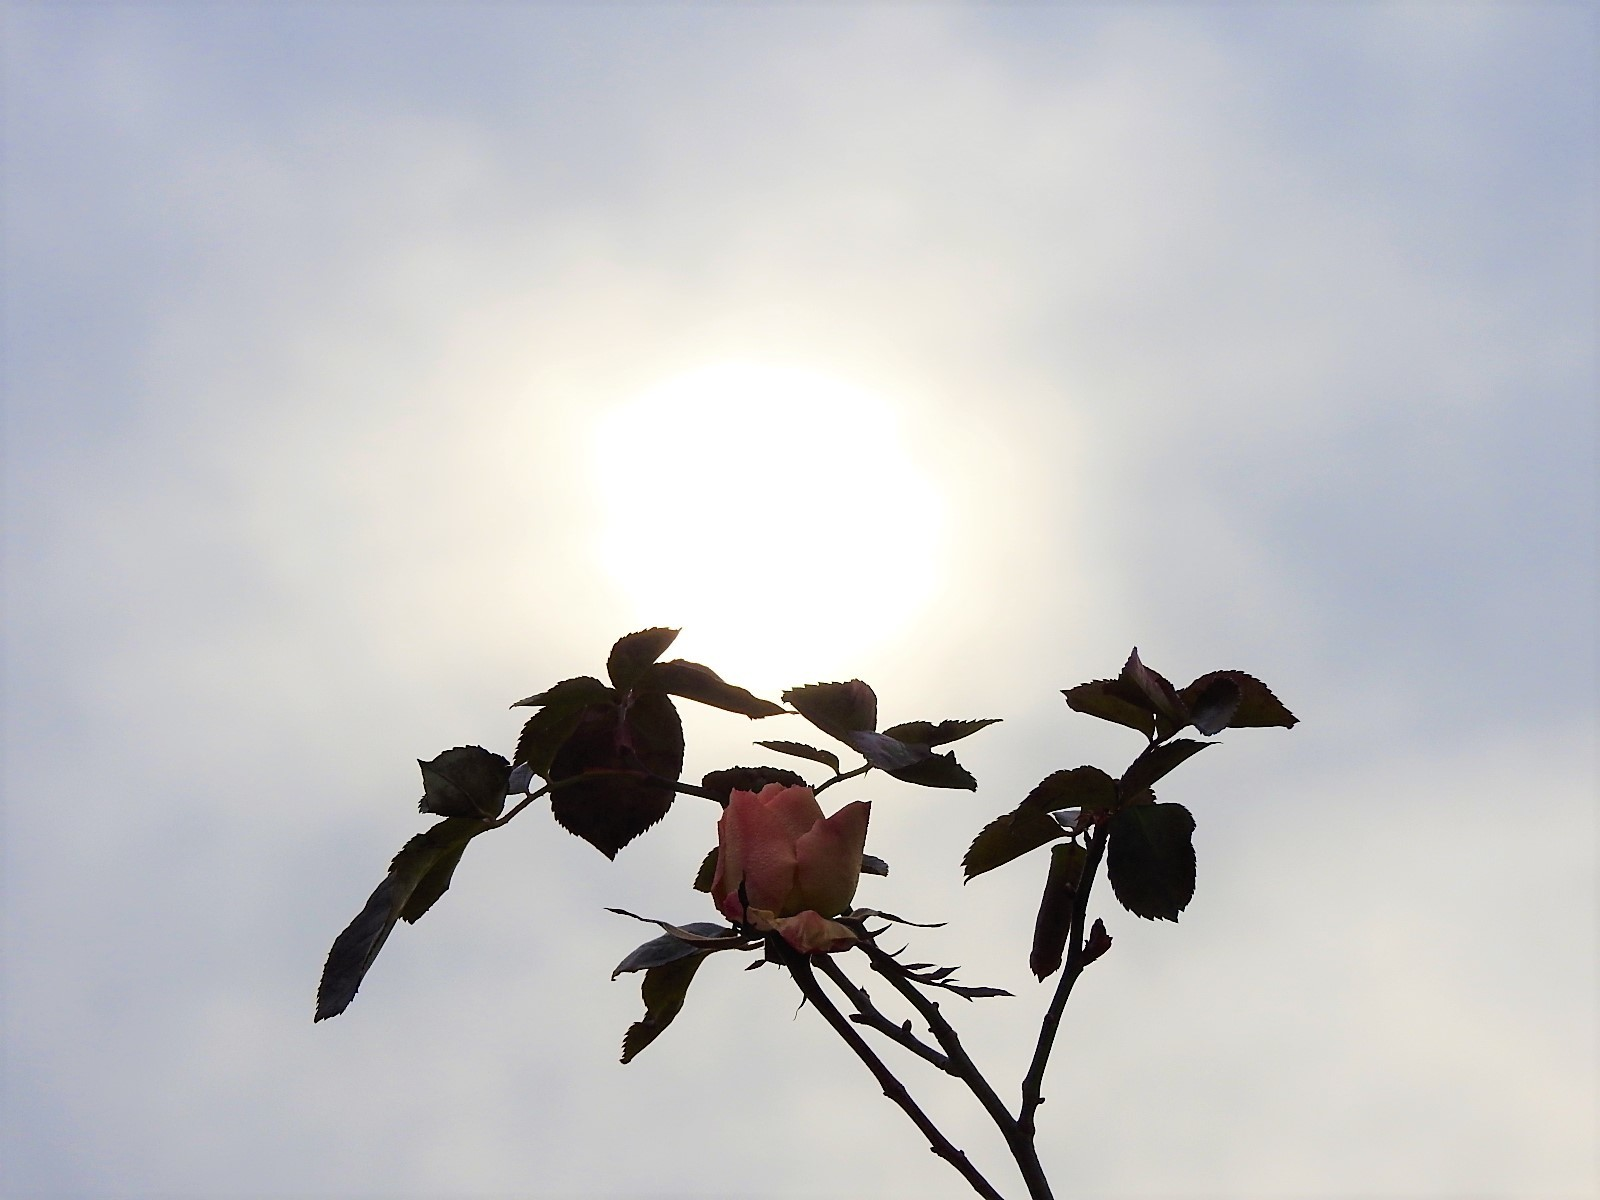 冬の暖かな日_e0406450_12241315.jpg